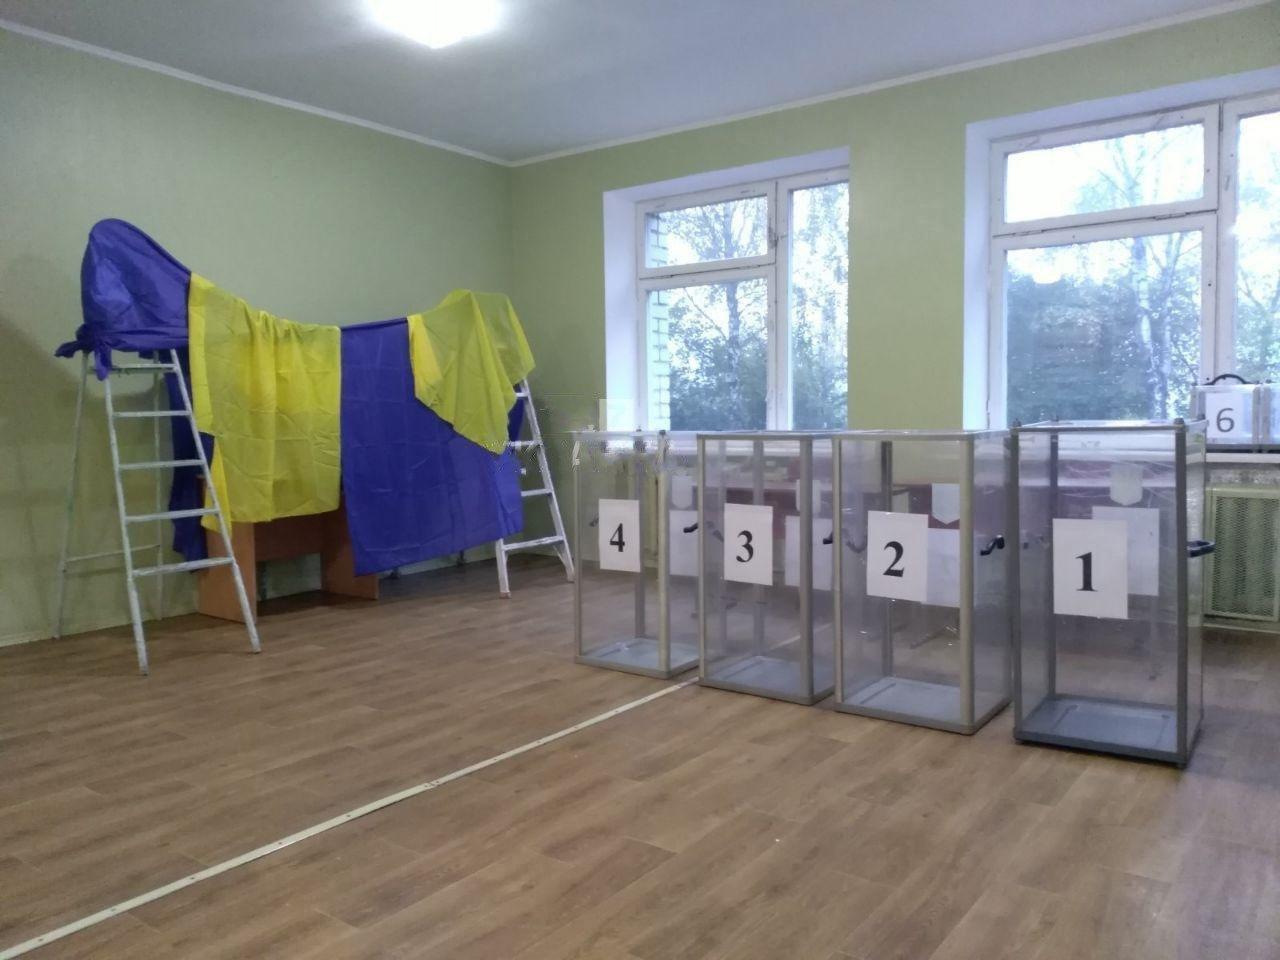 Курйозні фото з виборчих дільниць - як викручувалися виборчкоми при відсутності кабінок для голосування - фото 10